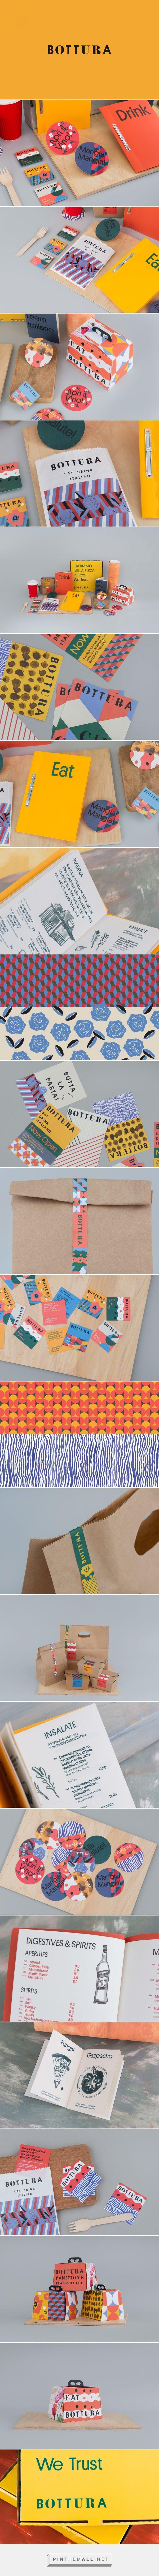 Bottura on Behance | Fivestar Branding – Design and Branding Agency &…